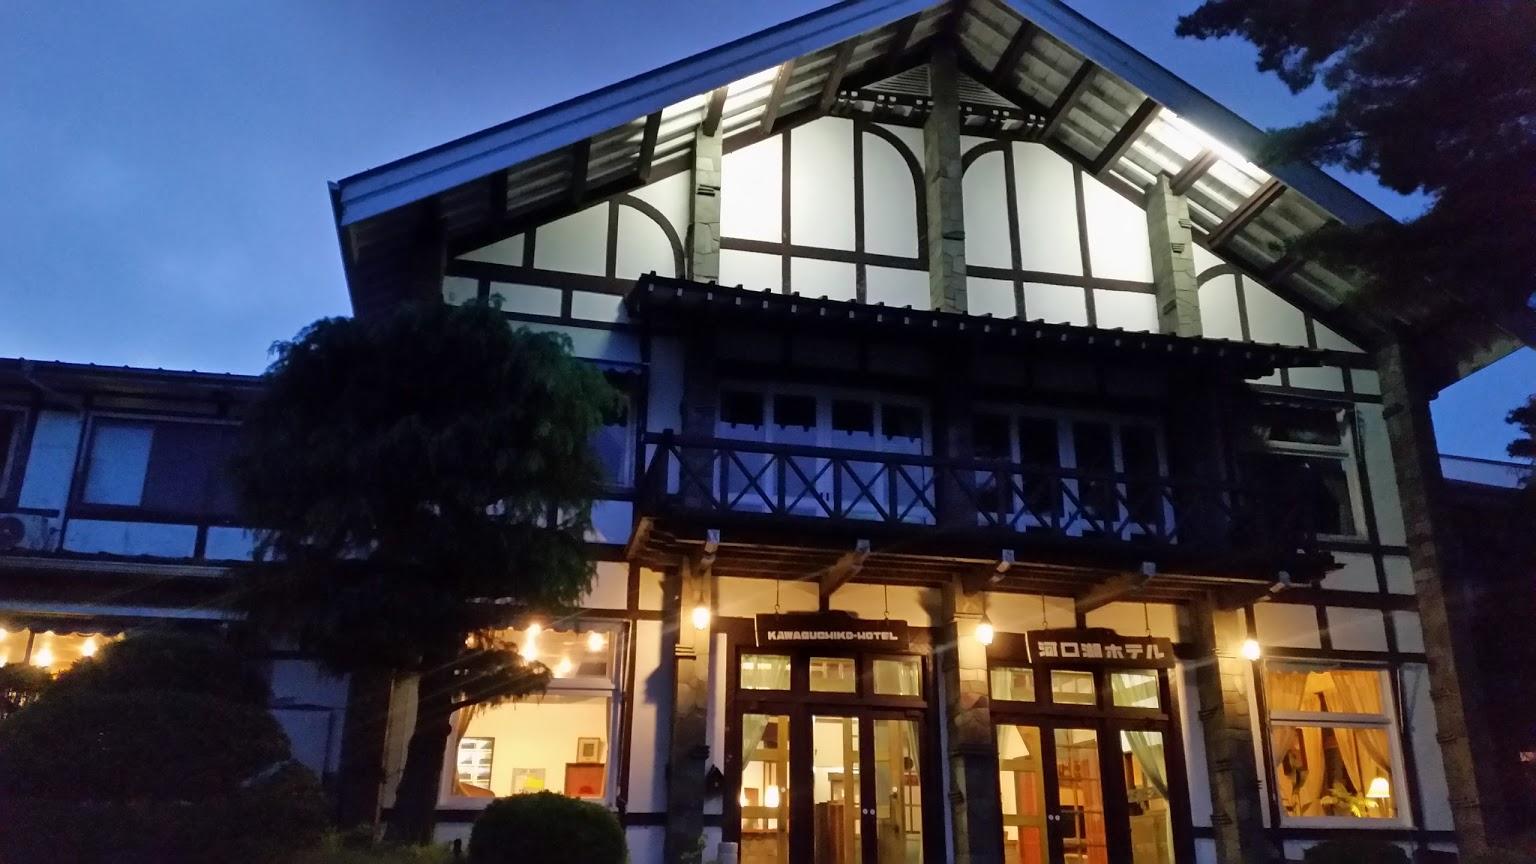 (Google 번역) 호수의 주요 위치에있는 골동품 박물관 호텔. 작동 유지를 위해 적절한 유지 관리만으로 약간의 성능 저하. 실내 장식은 영광스러운 과거를 말해 줄 수 있으며이 지역의 최초의 5 성급 호텔이어야합니다. 일본 방에서 호수를 바라보며 지낼 것을 적극 권장합니다. 최상층에 좋은 온천이있는 청결한 건물입니다. 친절한 직원들이 친절하고 도움이됩니다.  (원본) An antique museum hotel with ...